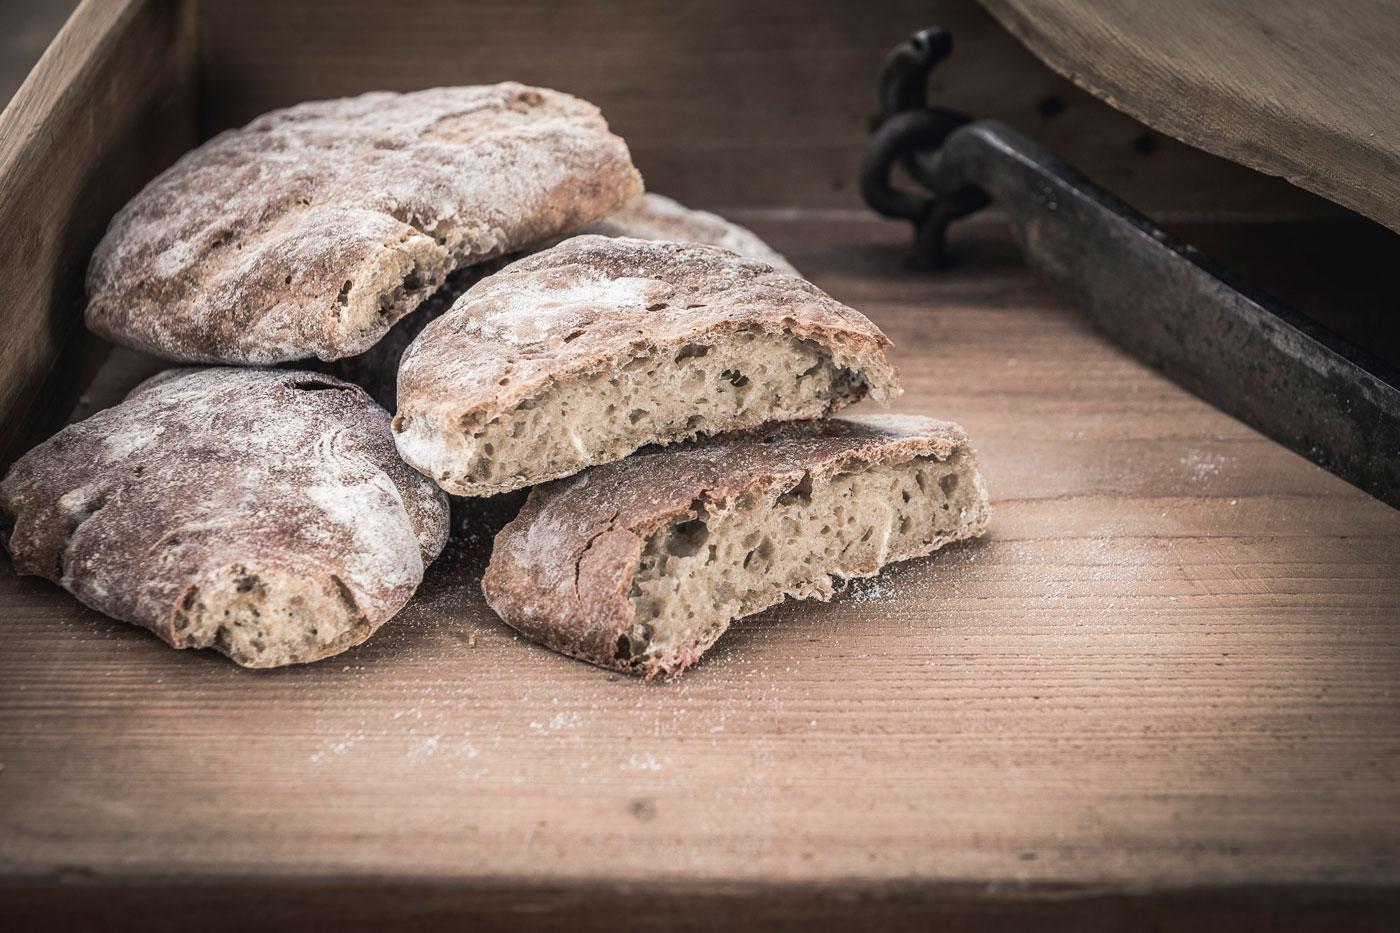 Handmade bread Val Senales